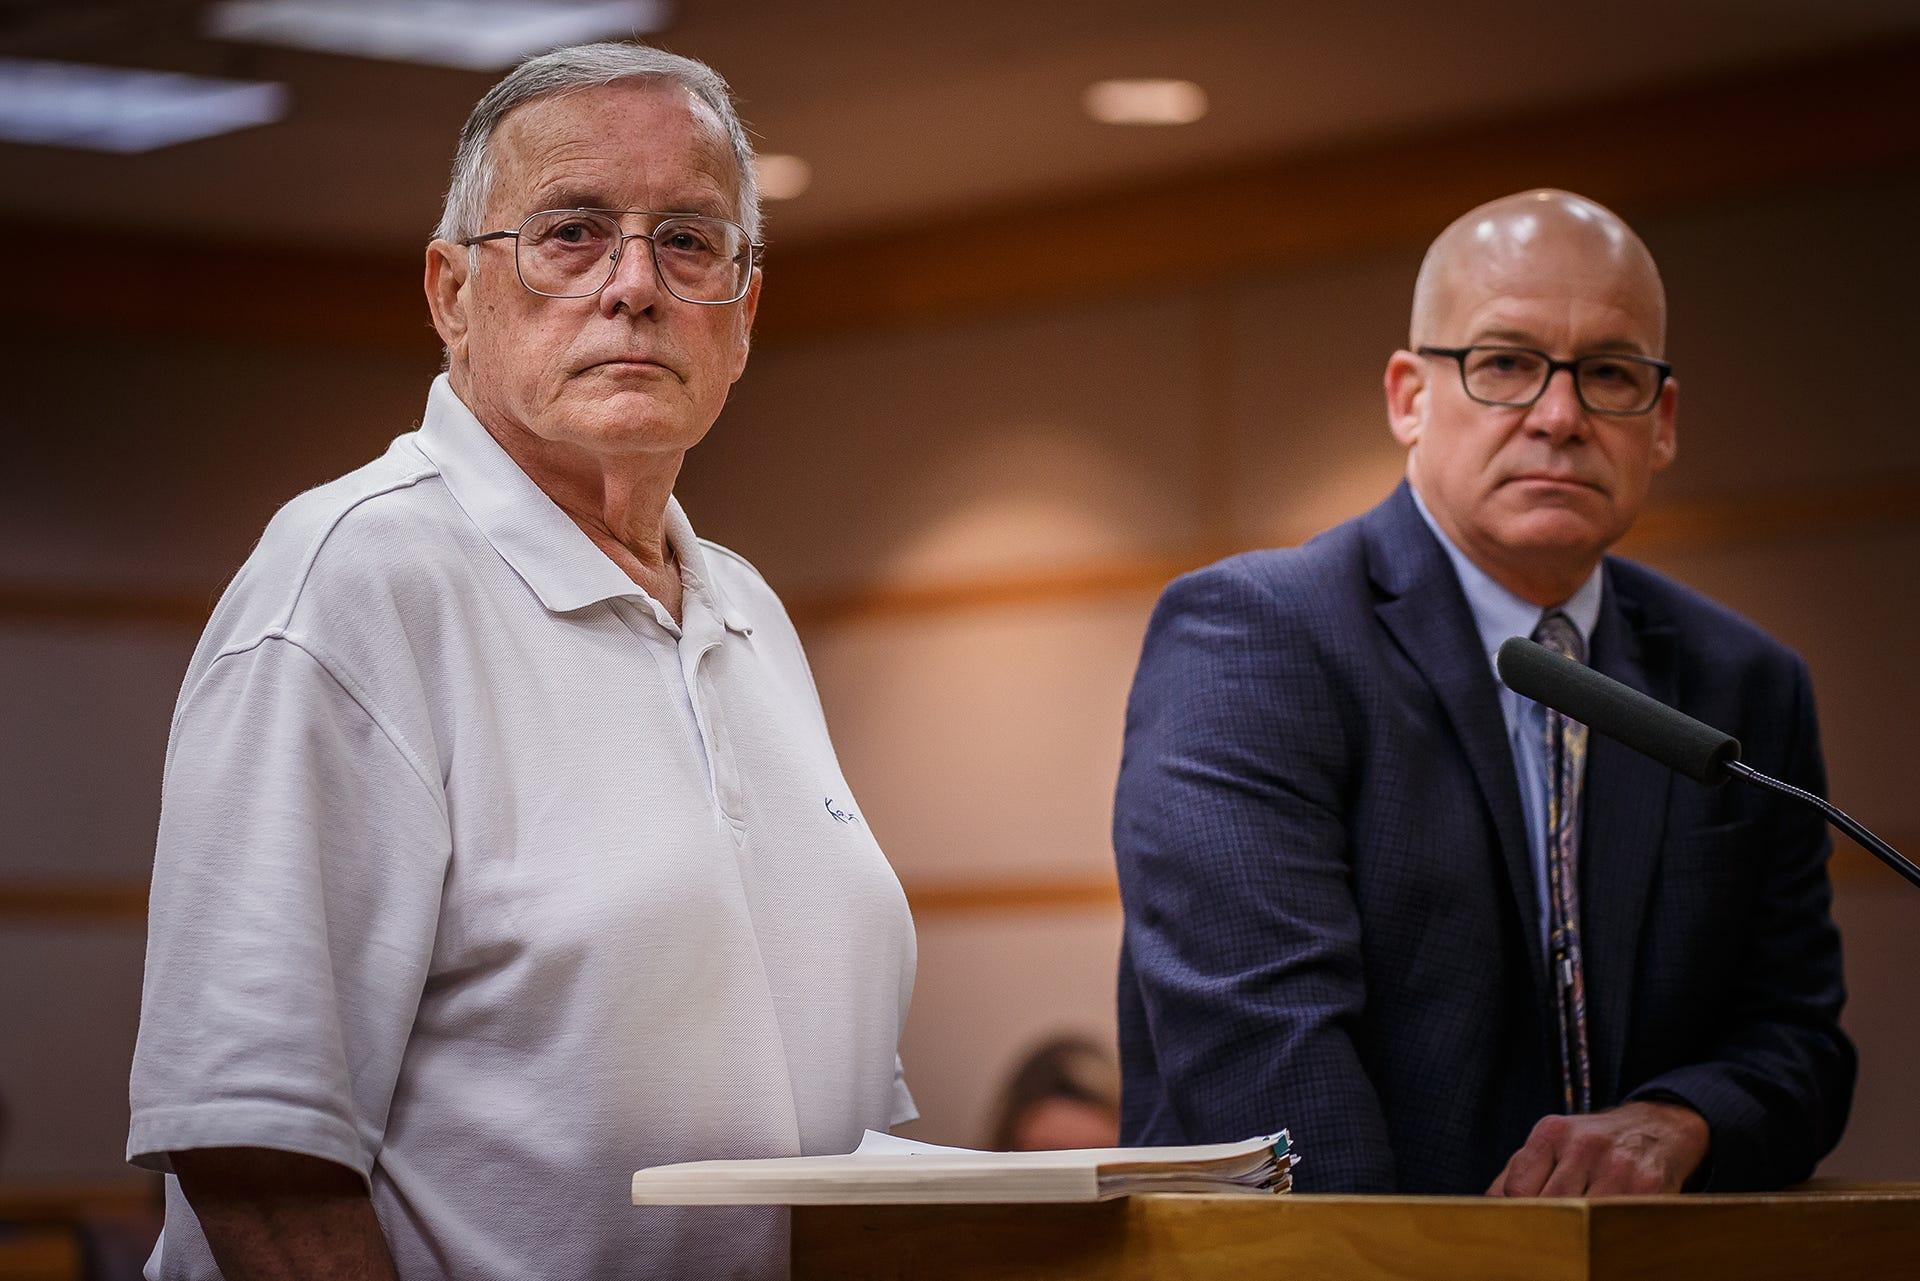 Robert Metzner in court